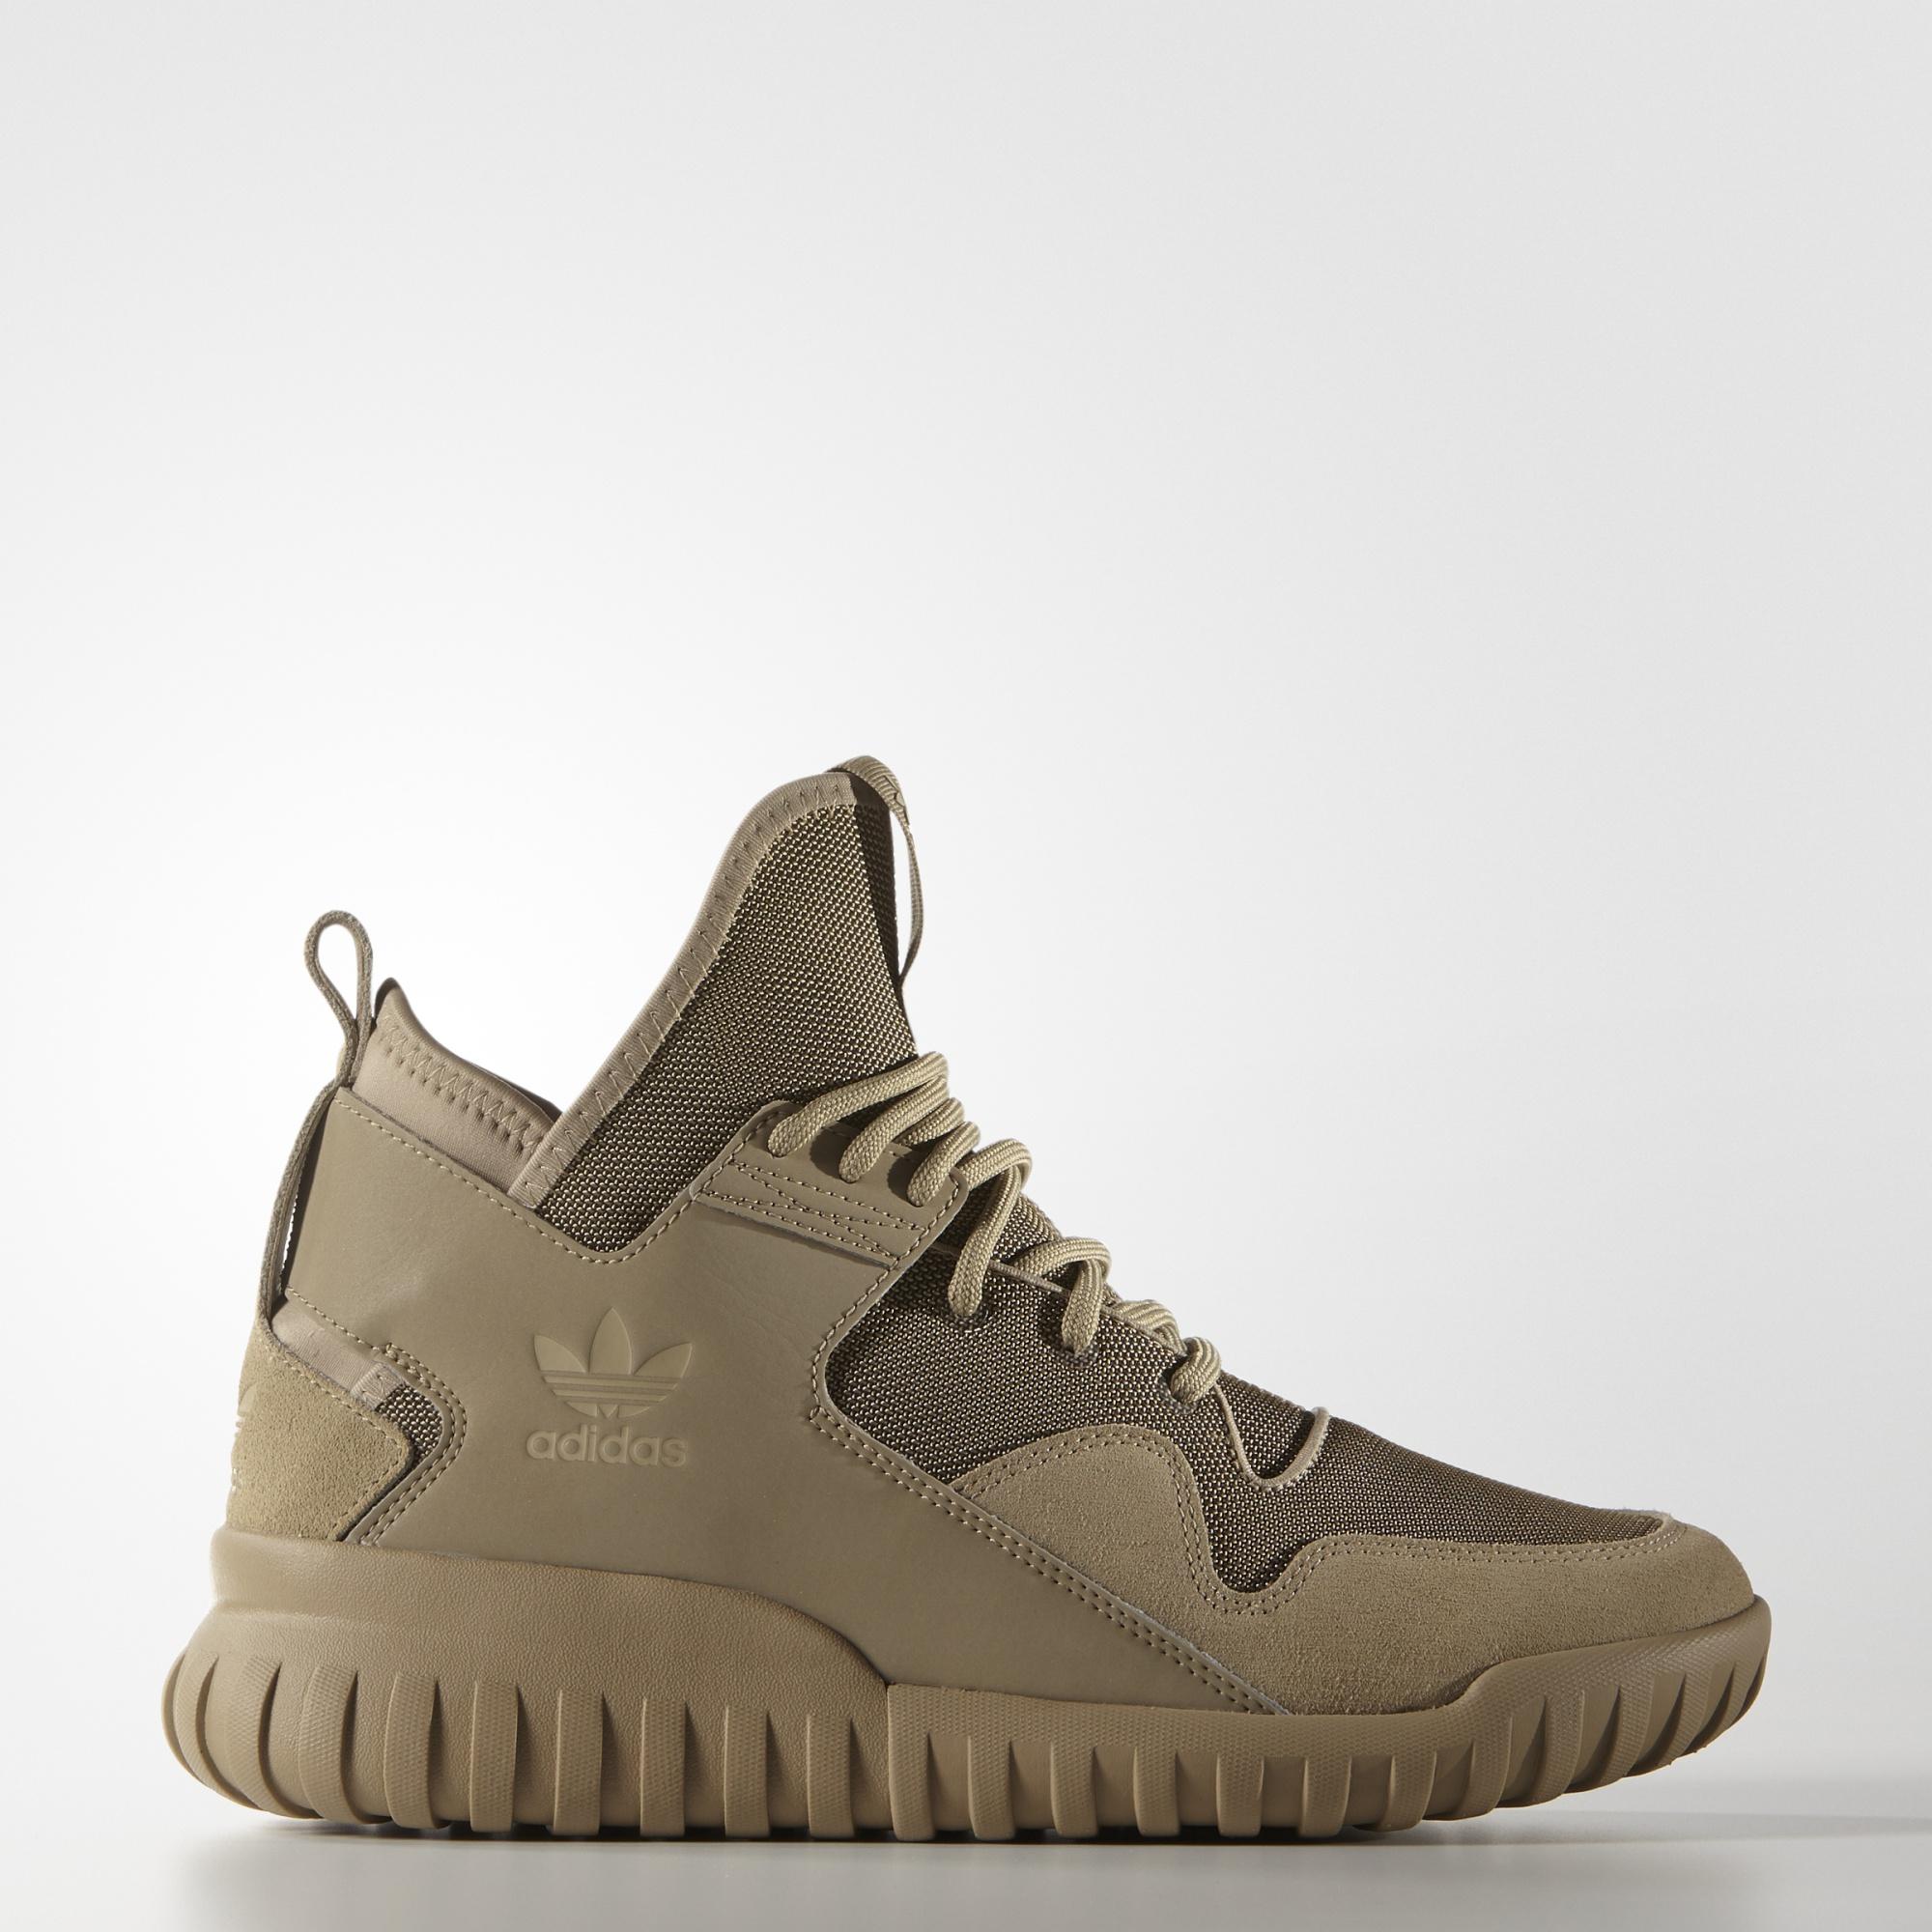 ee26f7c780f adidas Tubular X Shoes - Hemp